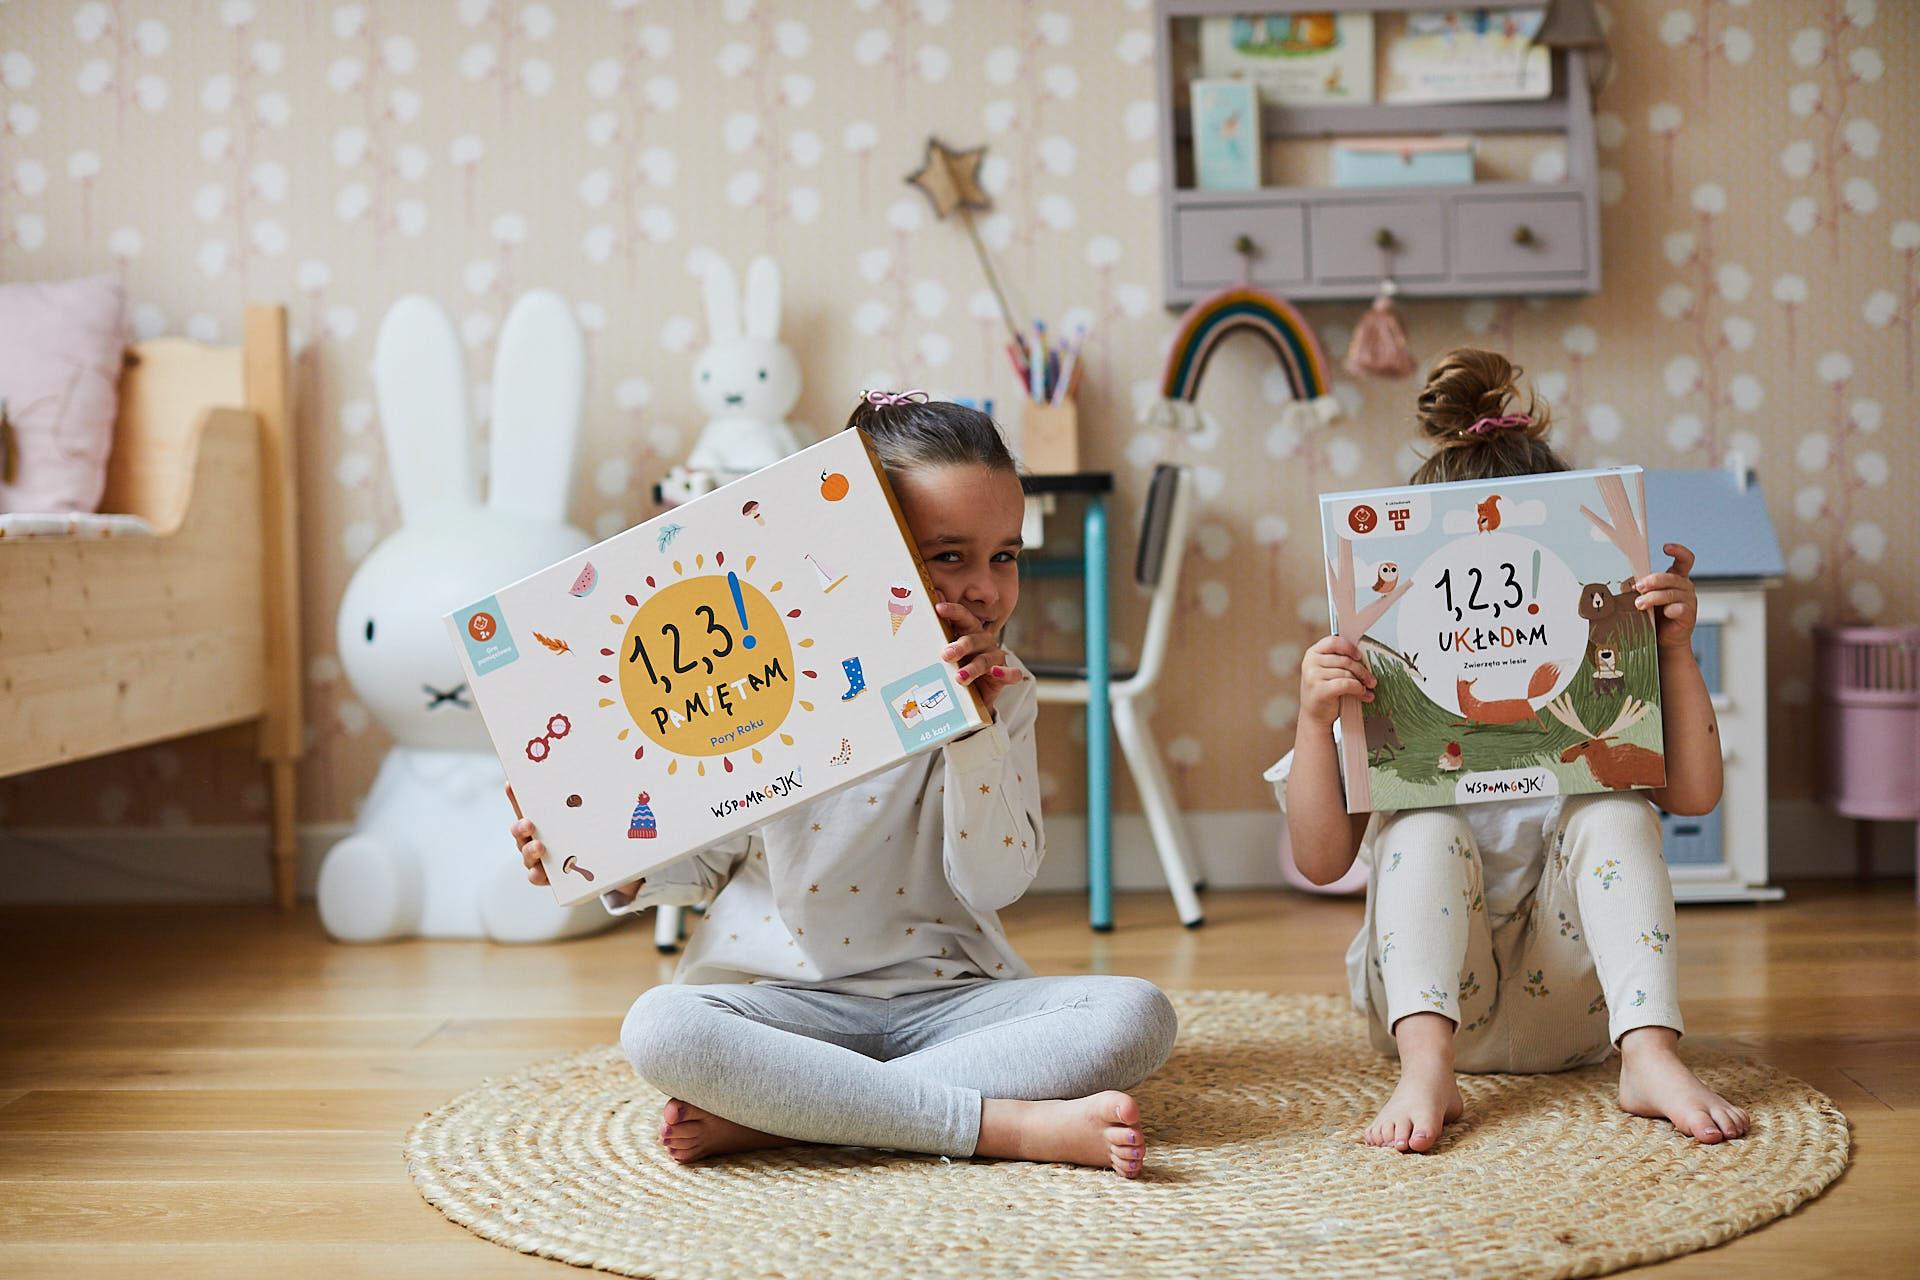 Dzieci pokazują gry